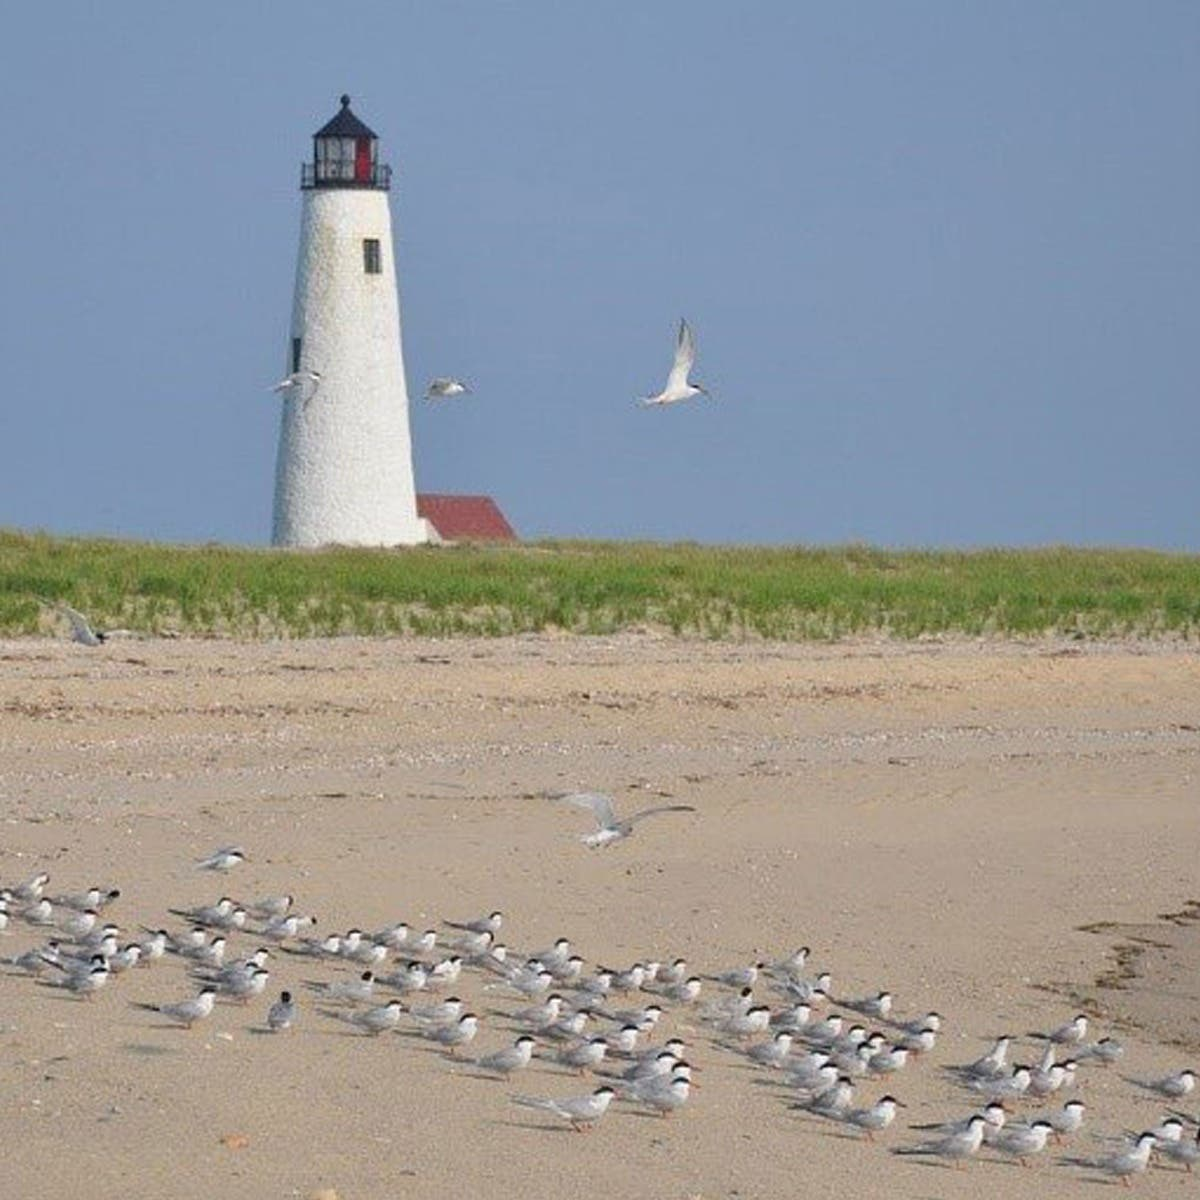 Nantucket Island, Massachusetts, USA